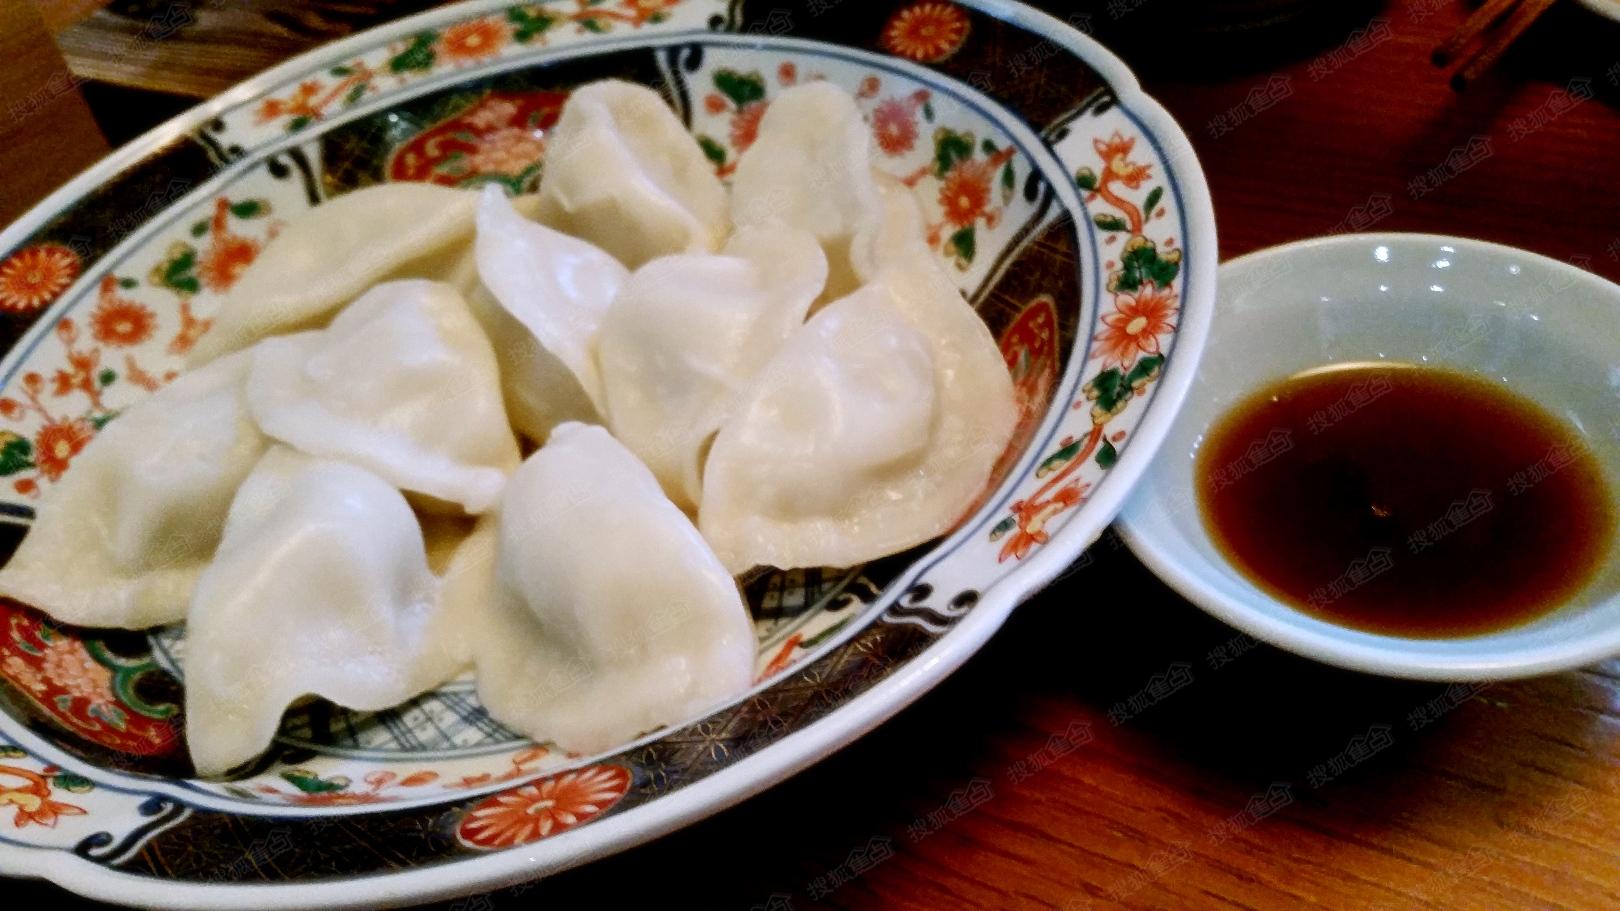 春节狂欢会# 晒团圆饭 春节团圆饺子香,第一次不在北京过年!